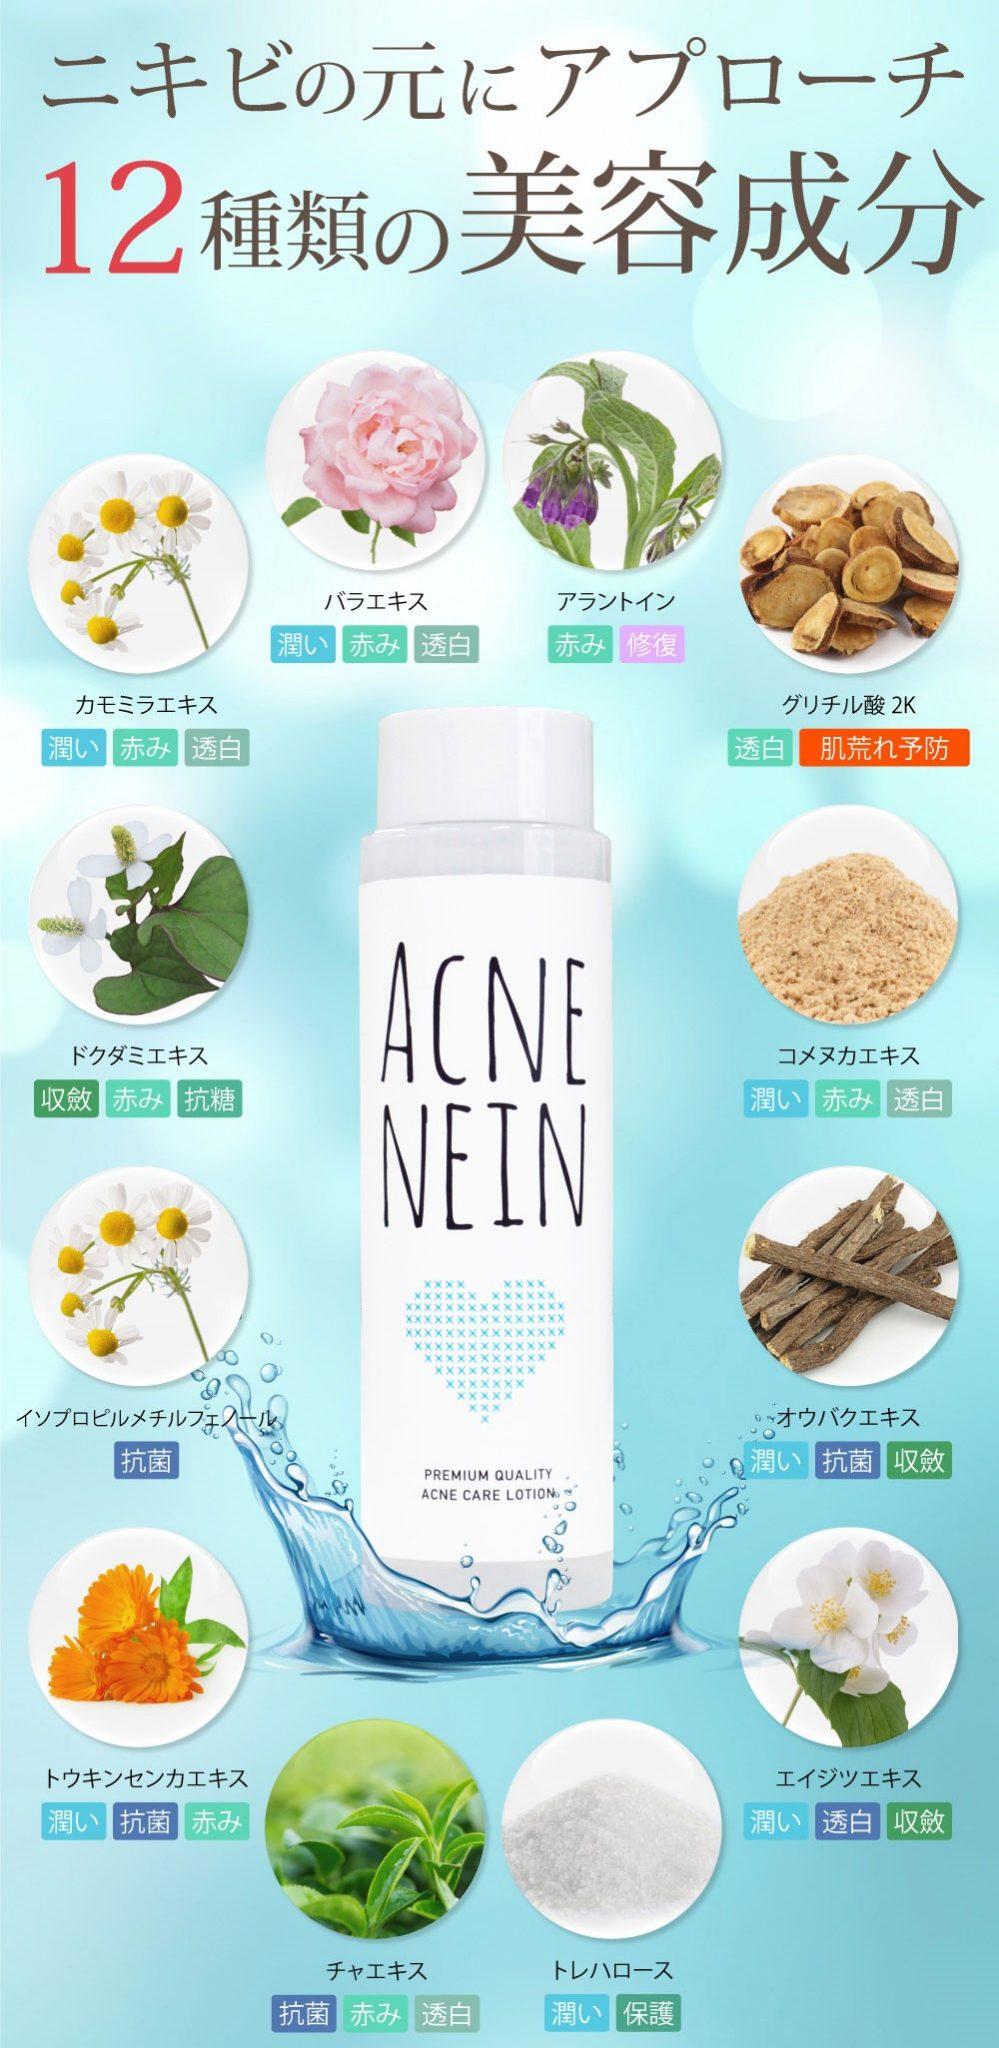 アクネナインの効果・効能